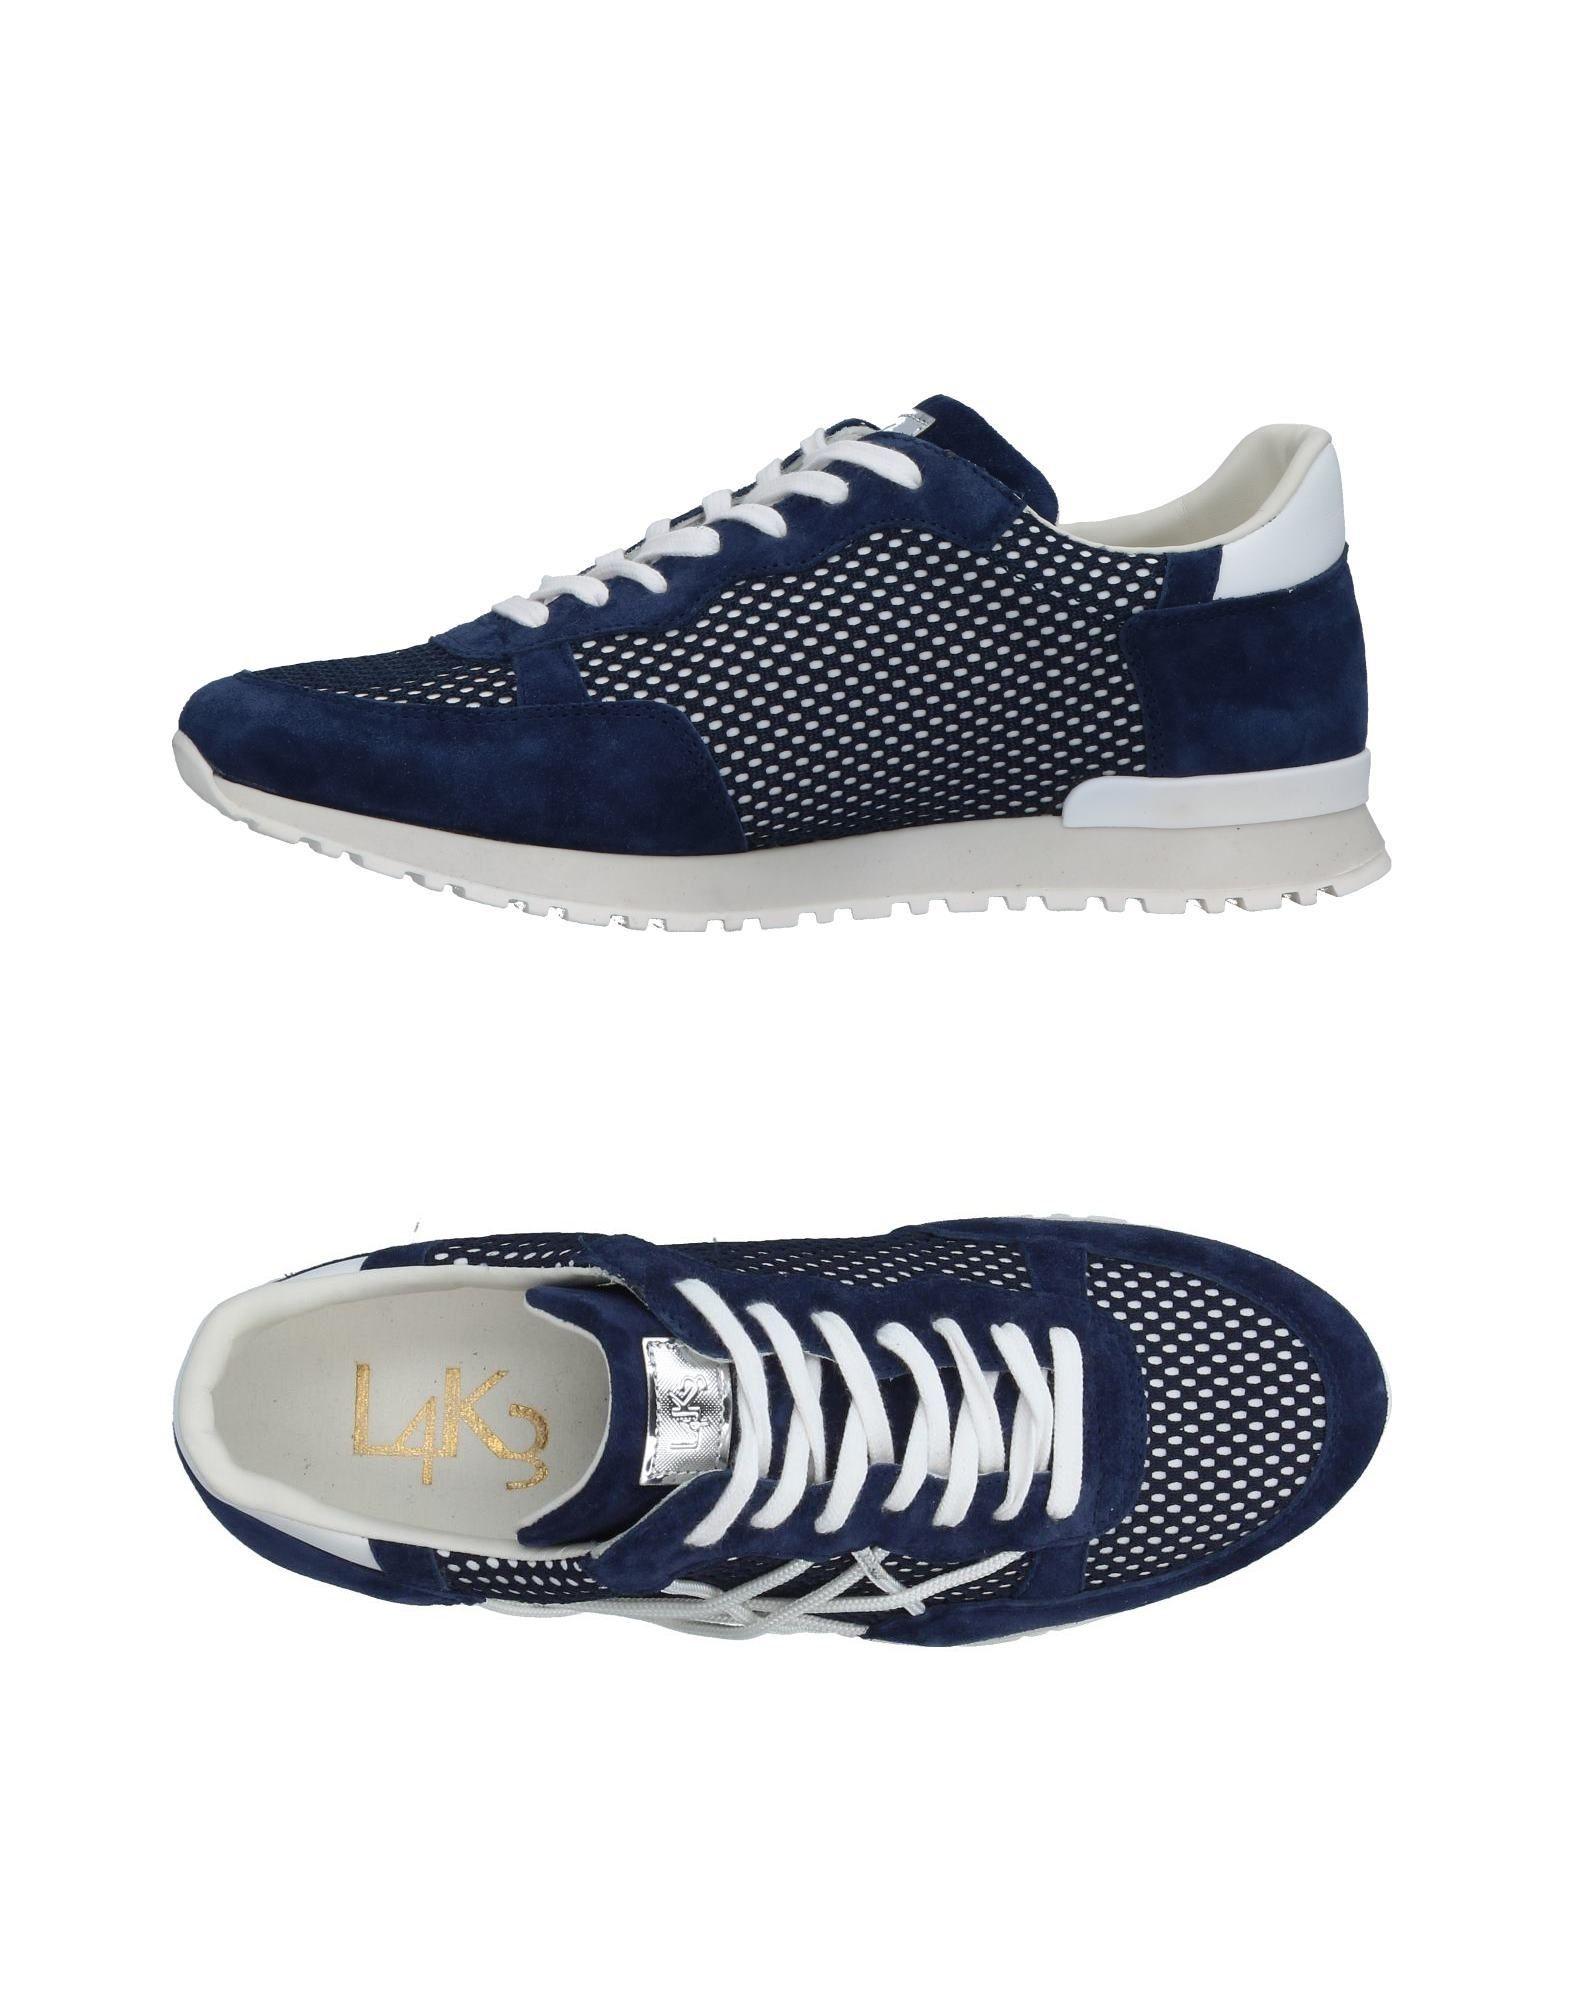 Sneakers L4k3 Homme - Sneakers L4k3  Bleu électrique Chaussures femme pas cher homme et femme